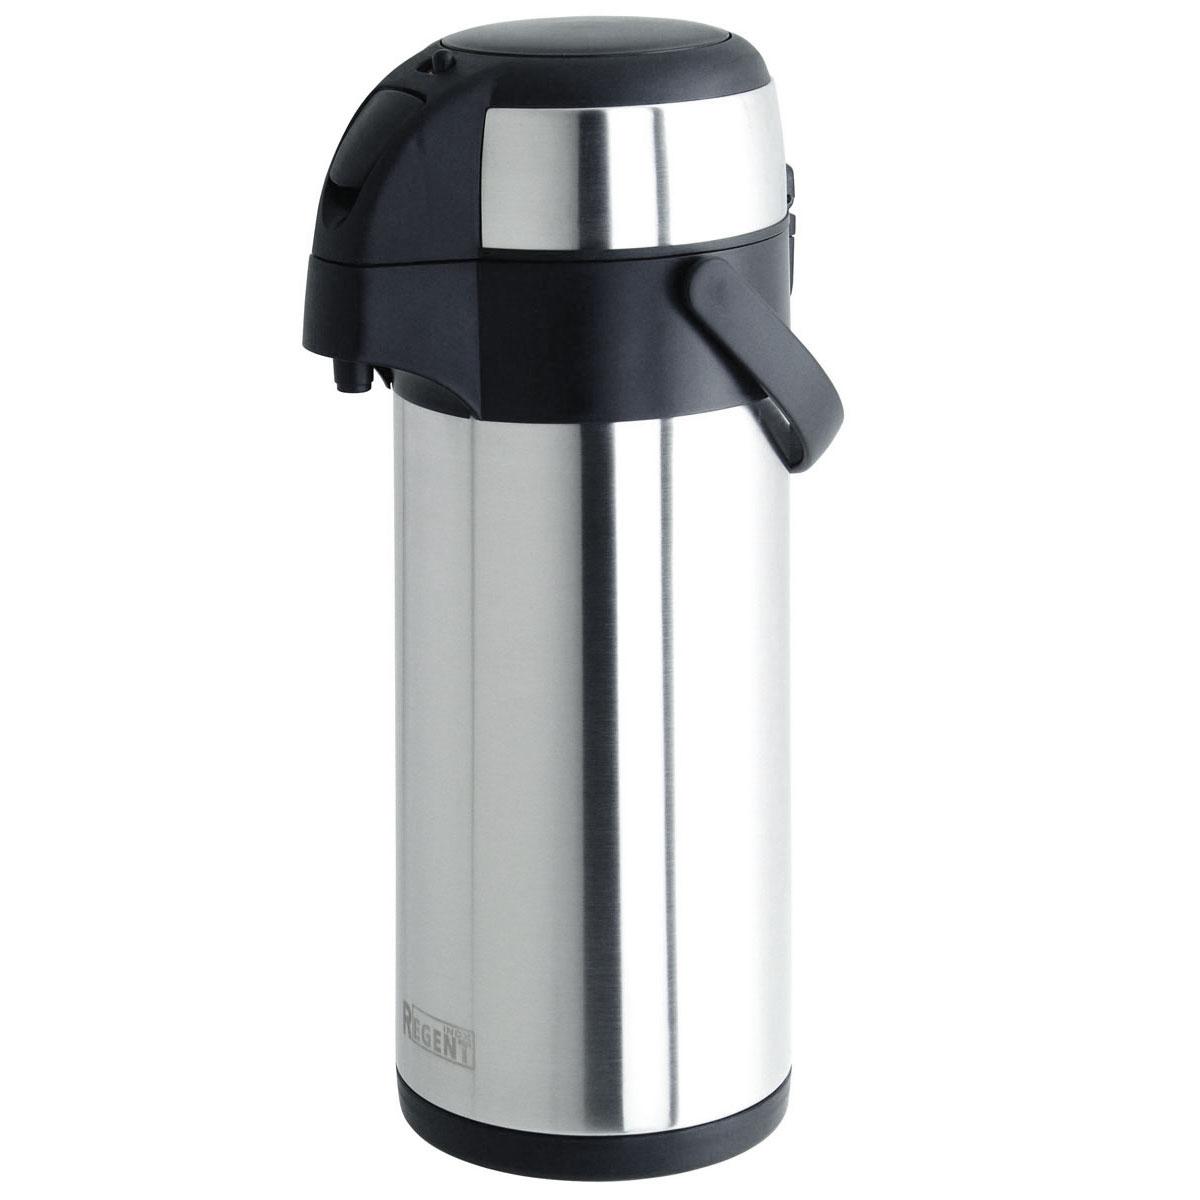 Термос Regent Inox, с пневмонасом, 3 л. 93-TE-G-1-300093-TE-G-1-3000Термос Regent Inox изготовлен из высококачественной пищевой нержавеющей стали с современной технологией теплоизоляции. Высокая надёжность и долговечность. Имеется глубокий вакуум и двойная металлическая колба, способствующая более длительному сохранению тепла. Механизм с пневмонасосом позволит без труда, с помощью одного нажатия на крышку термоса, налить содержимое в чашку. Термос удобен в использовании дома, на даче, в турпоходе и на рыбалке. Пригодится на работе, в офисе и командировке, экономит электроэнергию и время. Легко разбирается и моется.